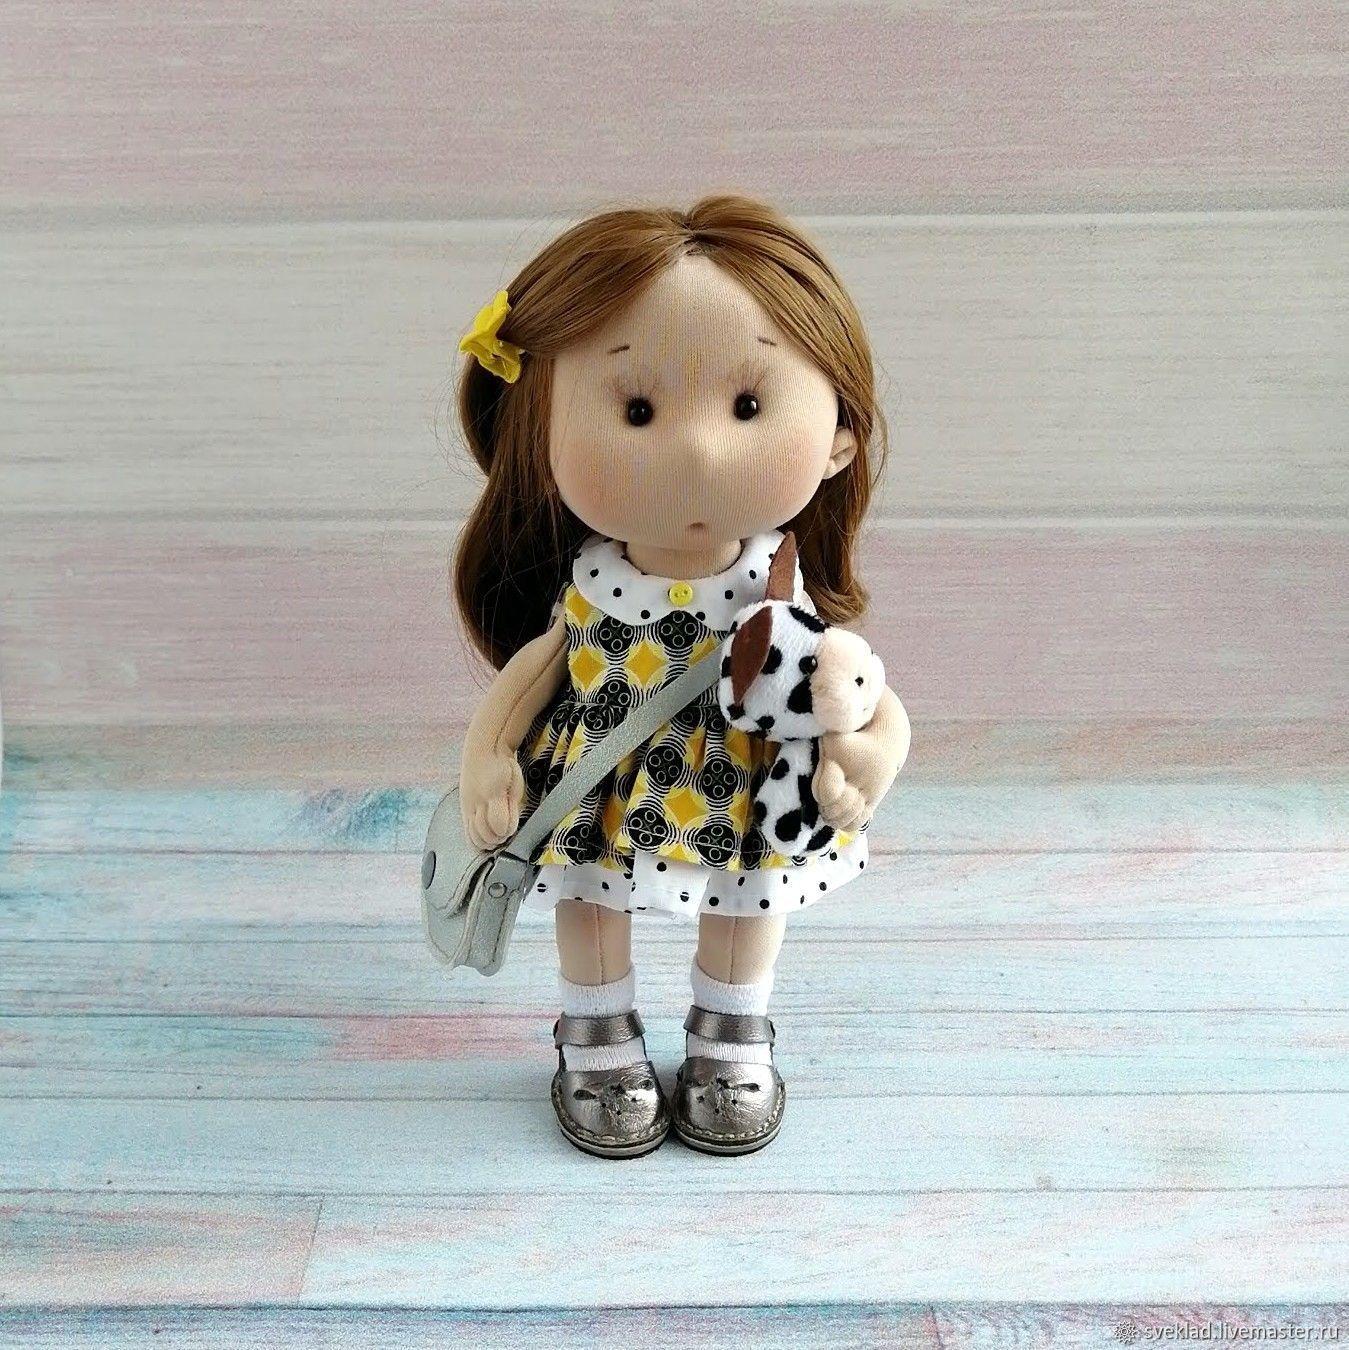 Кукла игровая со съемной одеждой, Куклы и пупсы, Тольятти,  Фото №1